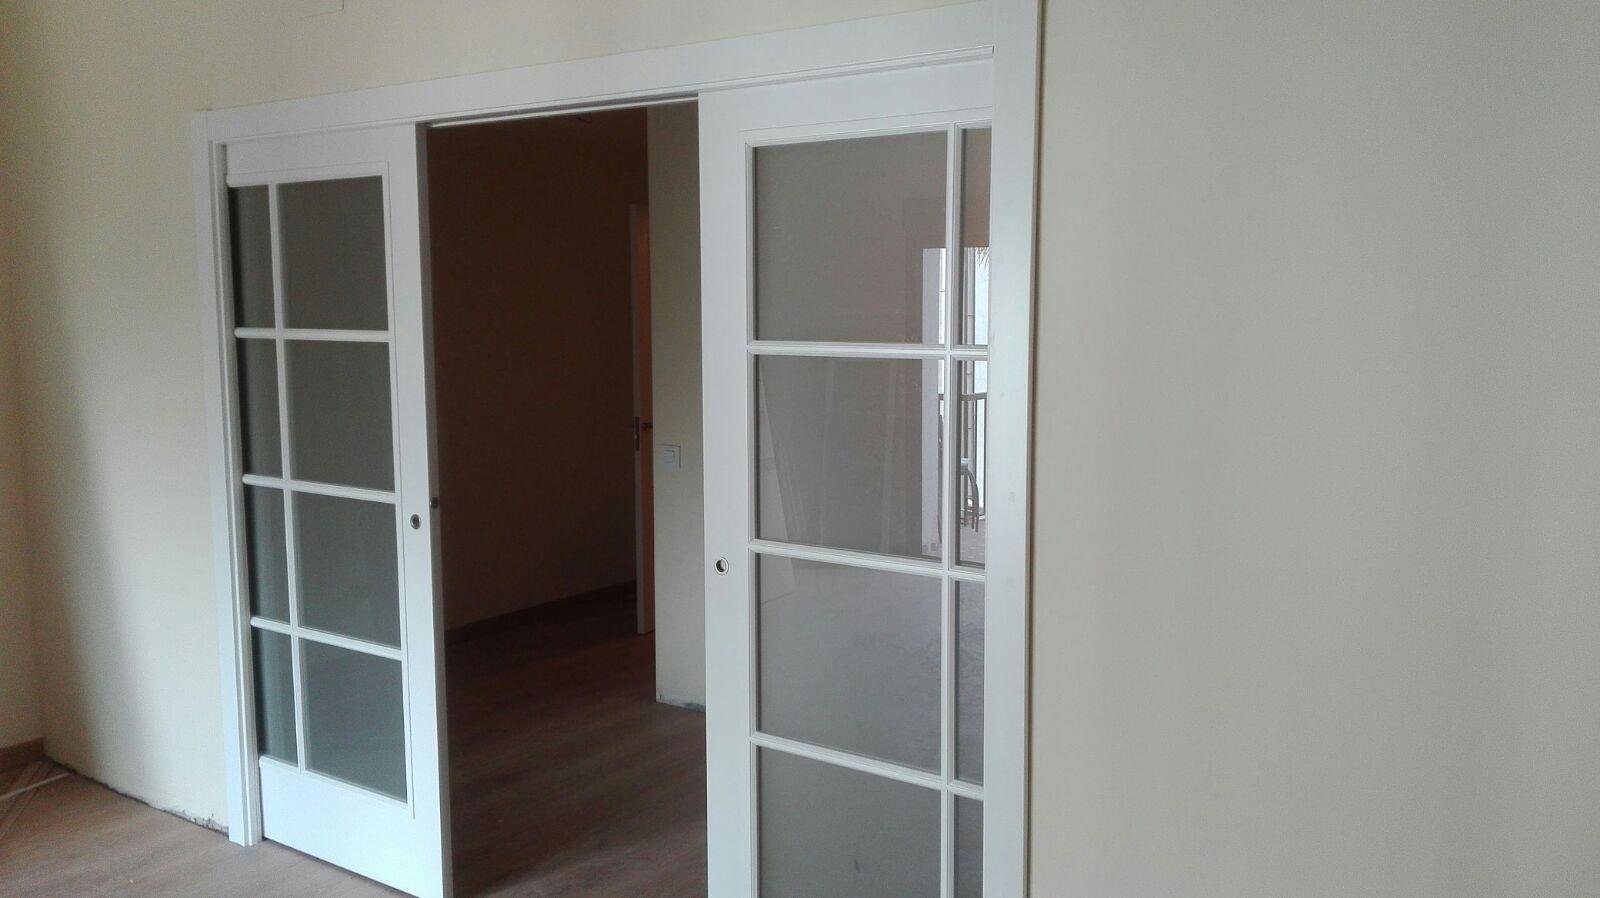 Espectacular puerta corredera doble de medida especial - Puertas correderas de cristal y madera ...